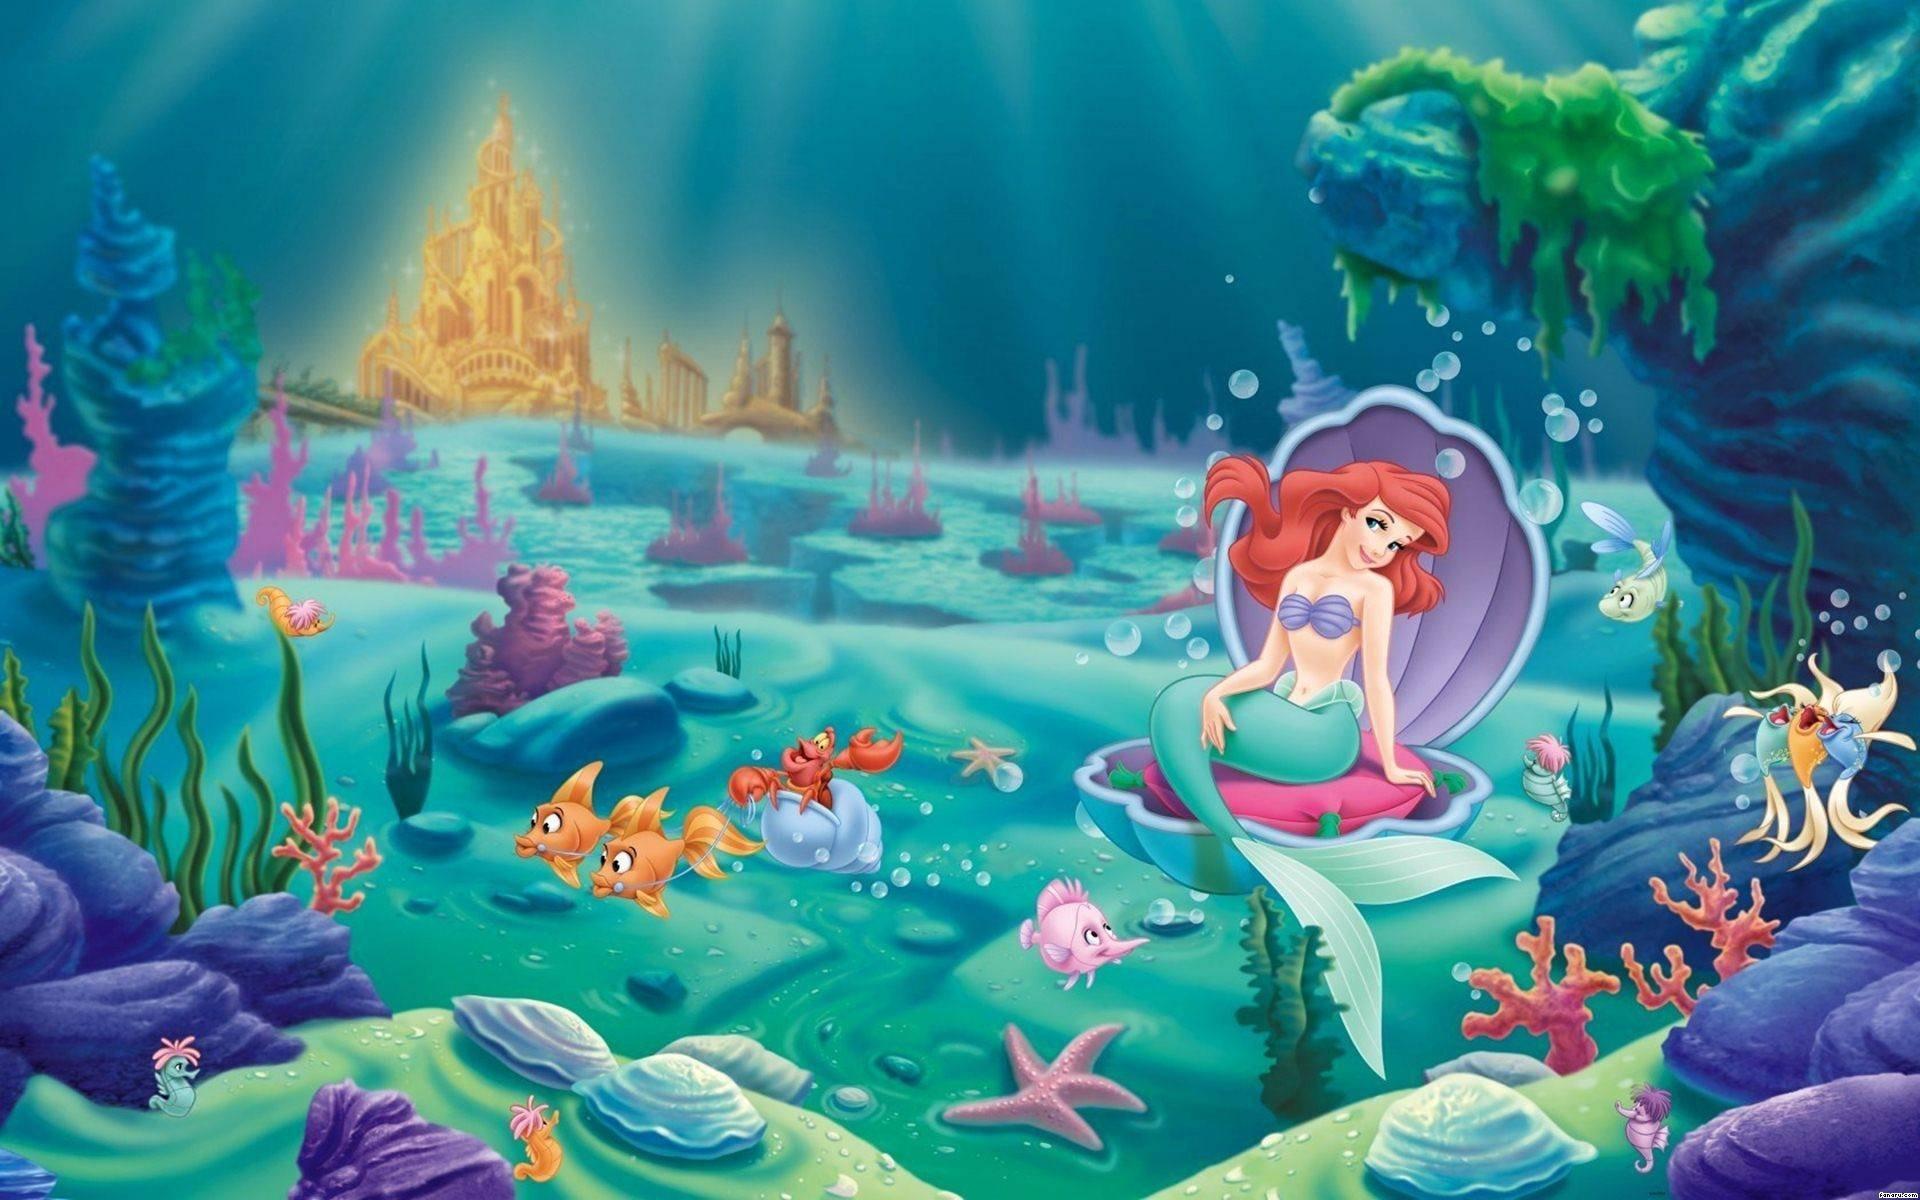 Beautiful Mermaids HD widescreen wallpaper   HD Wallpaper   Pinterest   Hd  widescreen wallpapers, Widescreen wallpaper and Mermaid